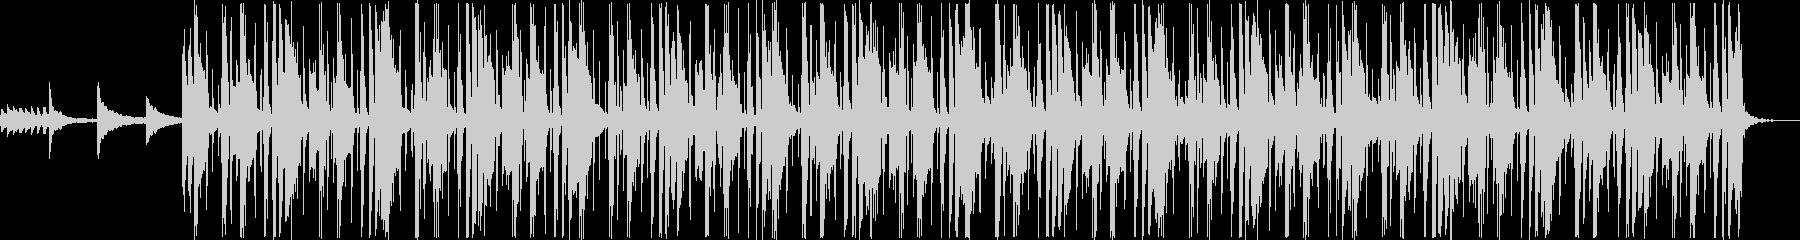 洋楽系のHip-Hopの未再生の波形